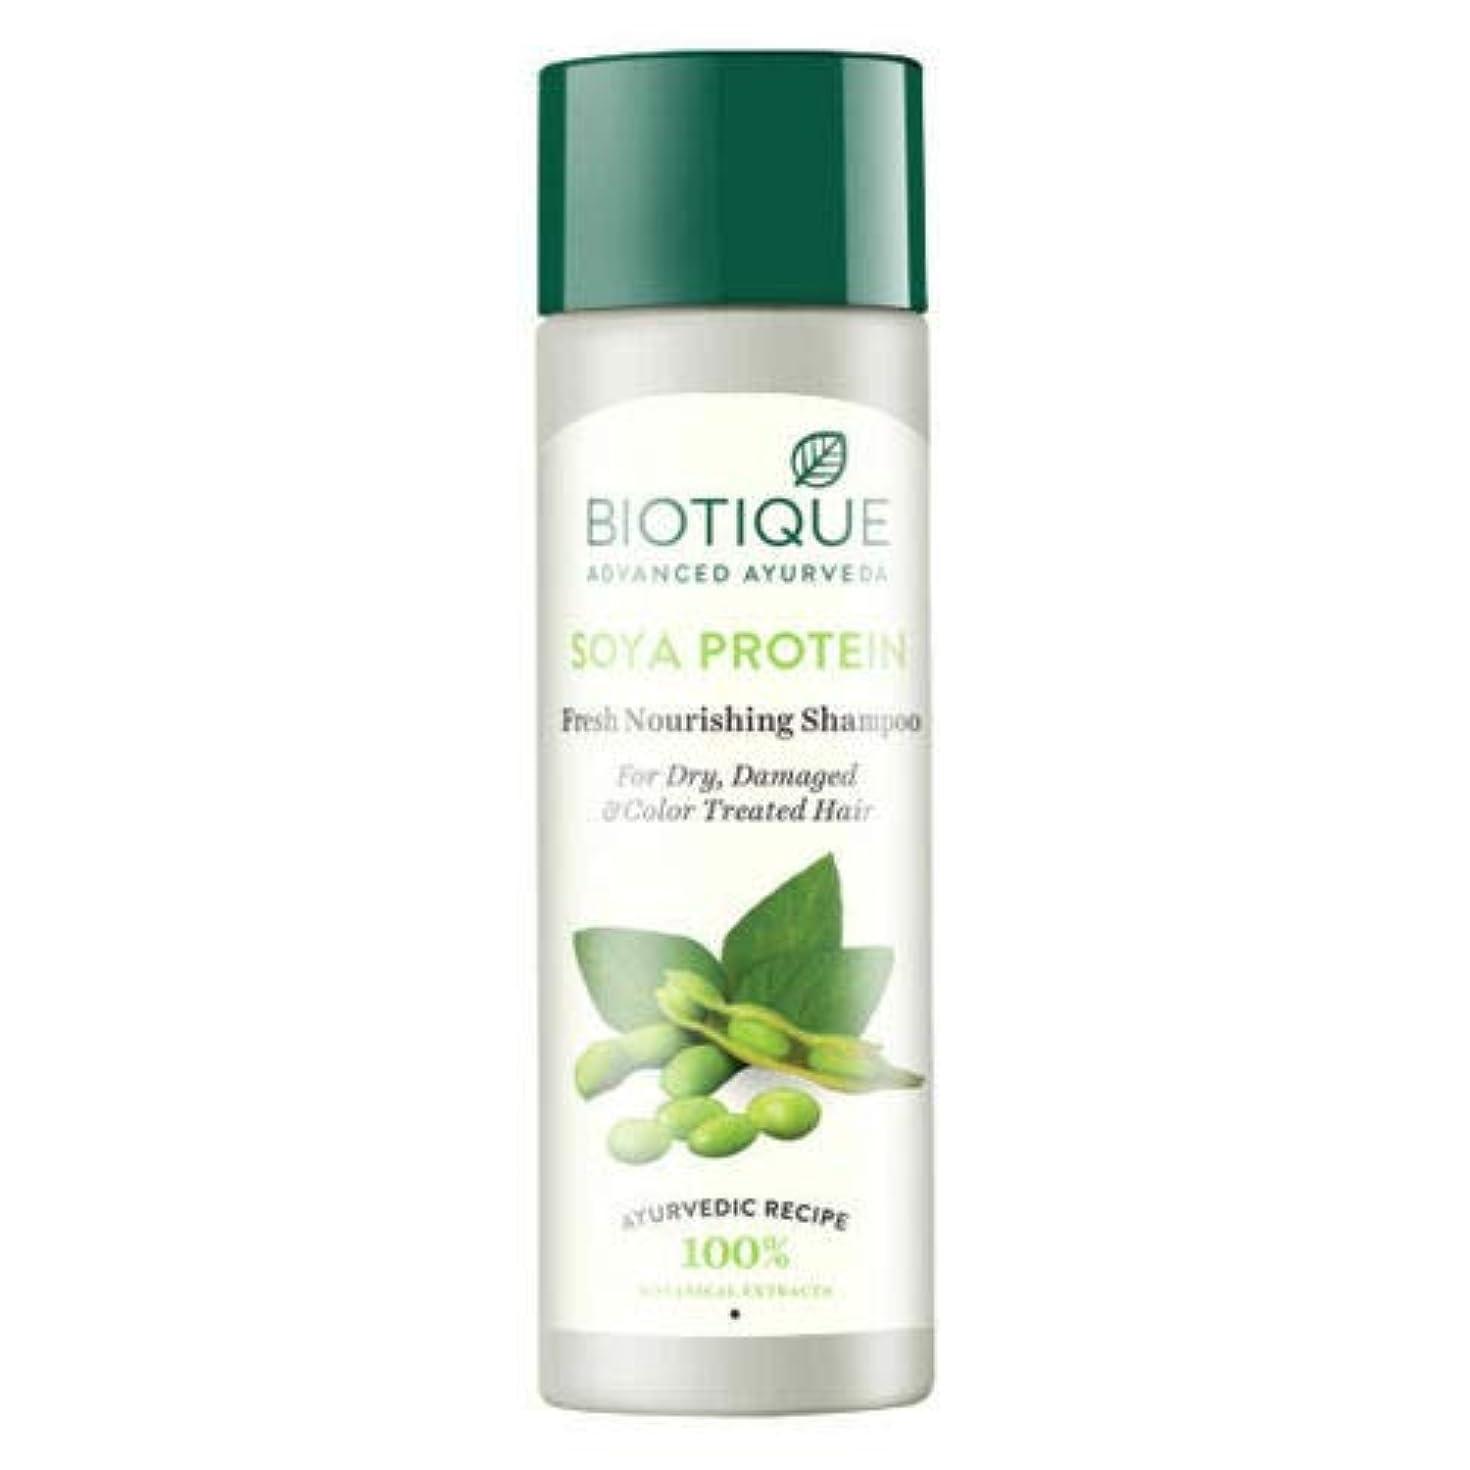 サルベージ寄り添う偏心Biotique Bio Soya Protein Fresh Nourishing Shampoo (190 ml) For Dry Hairs 乾いた毛のためのBiotiqueバイオ大豆タンパク質新鮮な栄養シャンプー